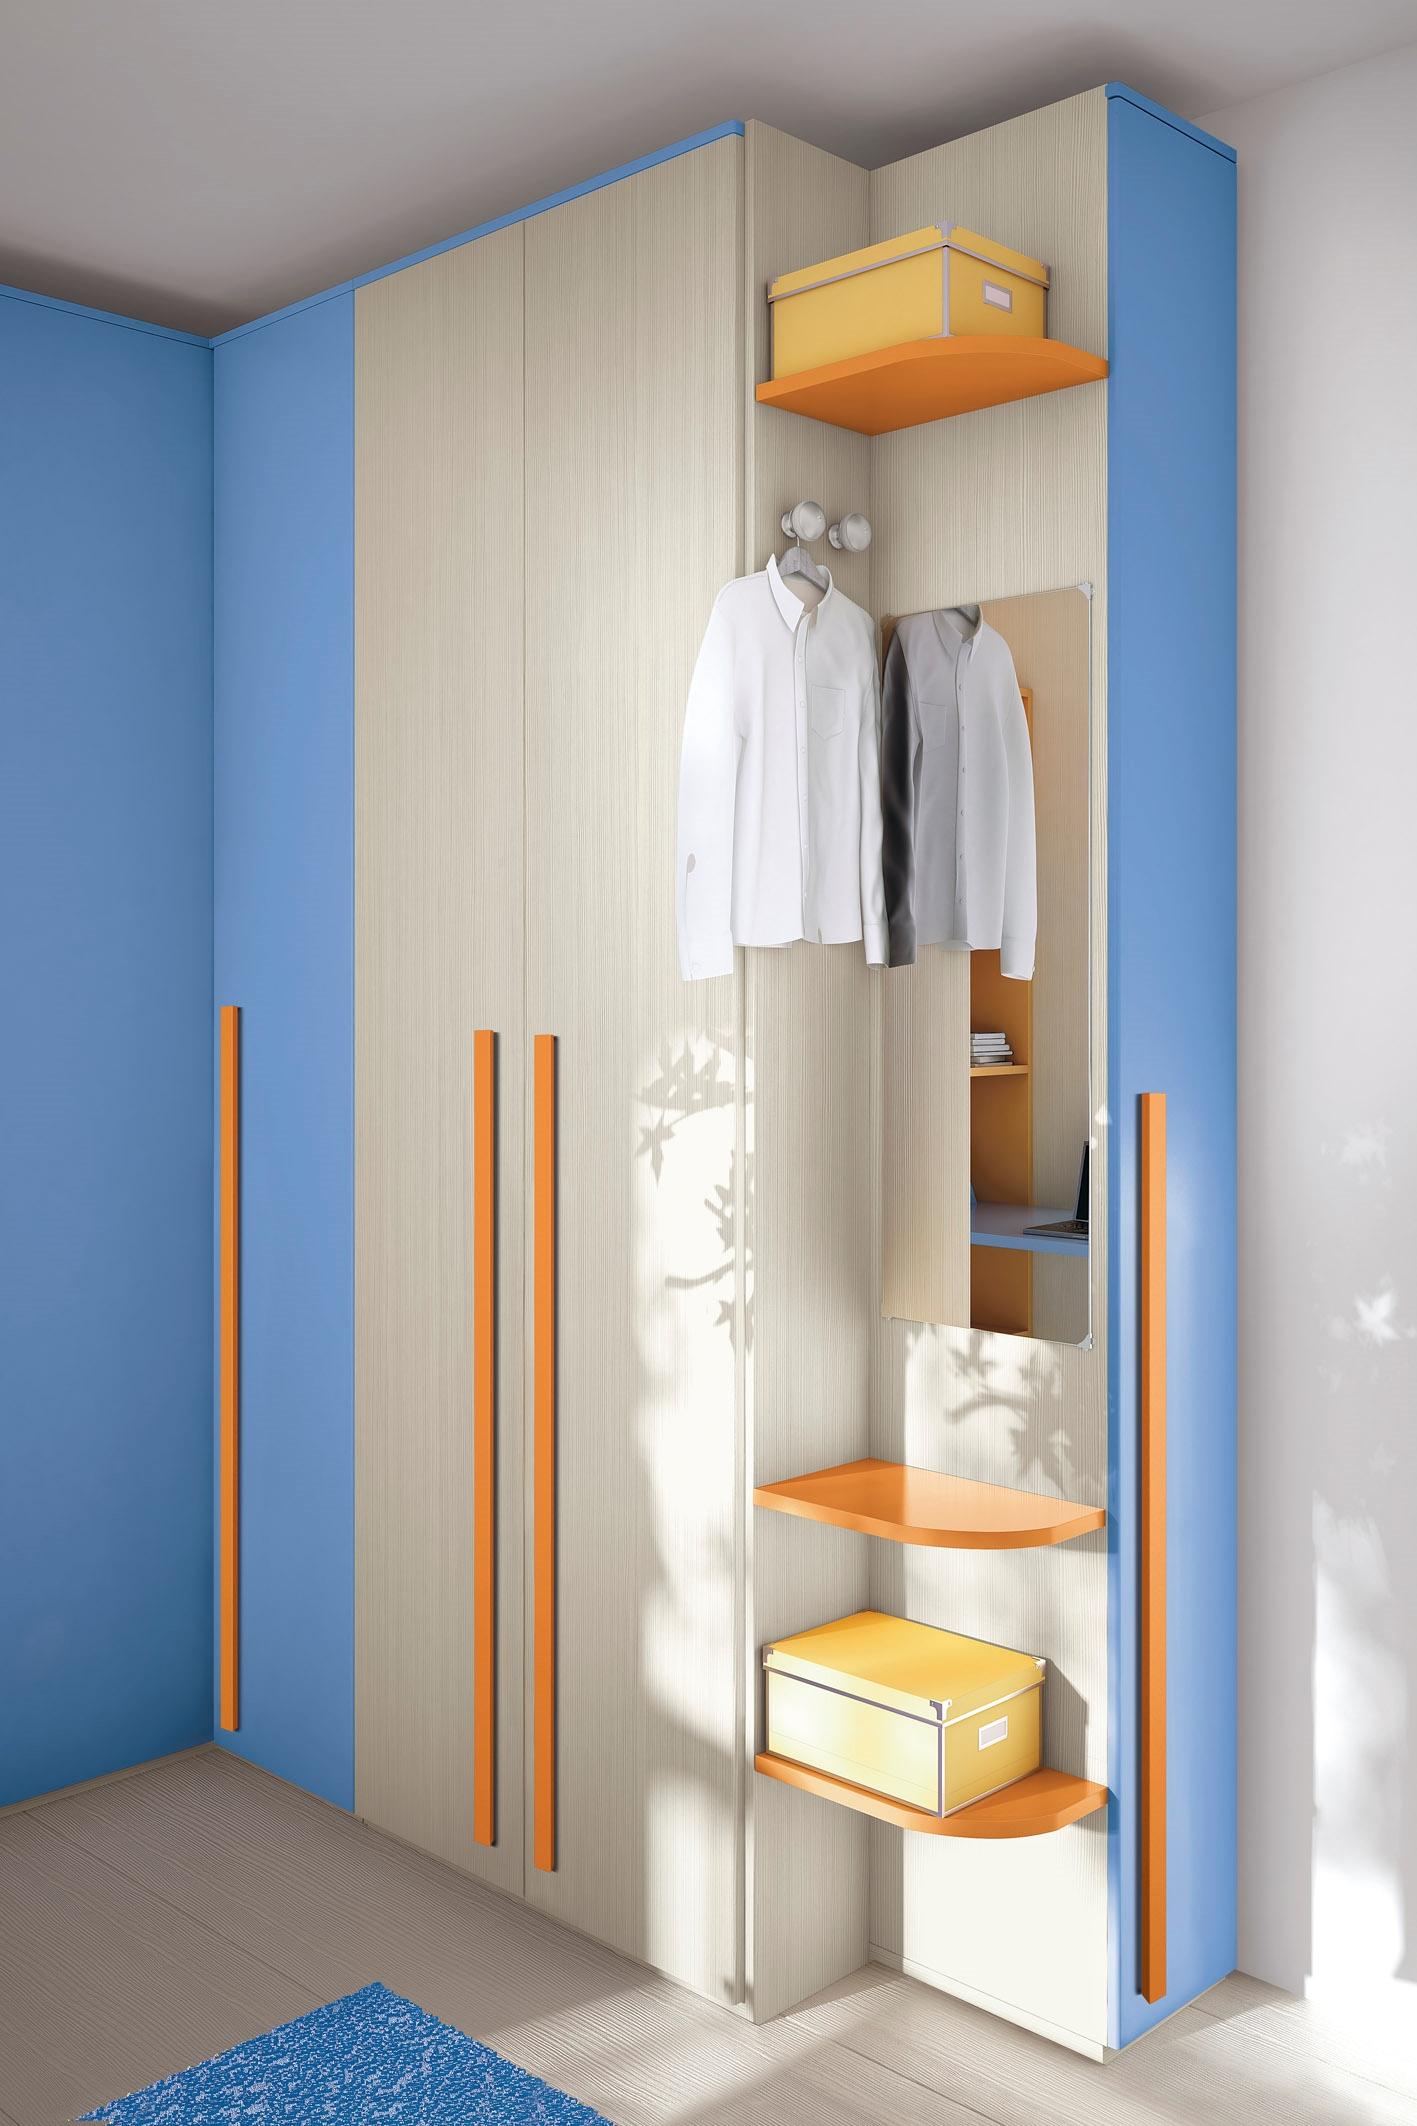 Cameretta per bambini colorata con un letto e cabina for Cameretta armadio